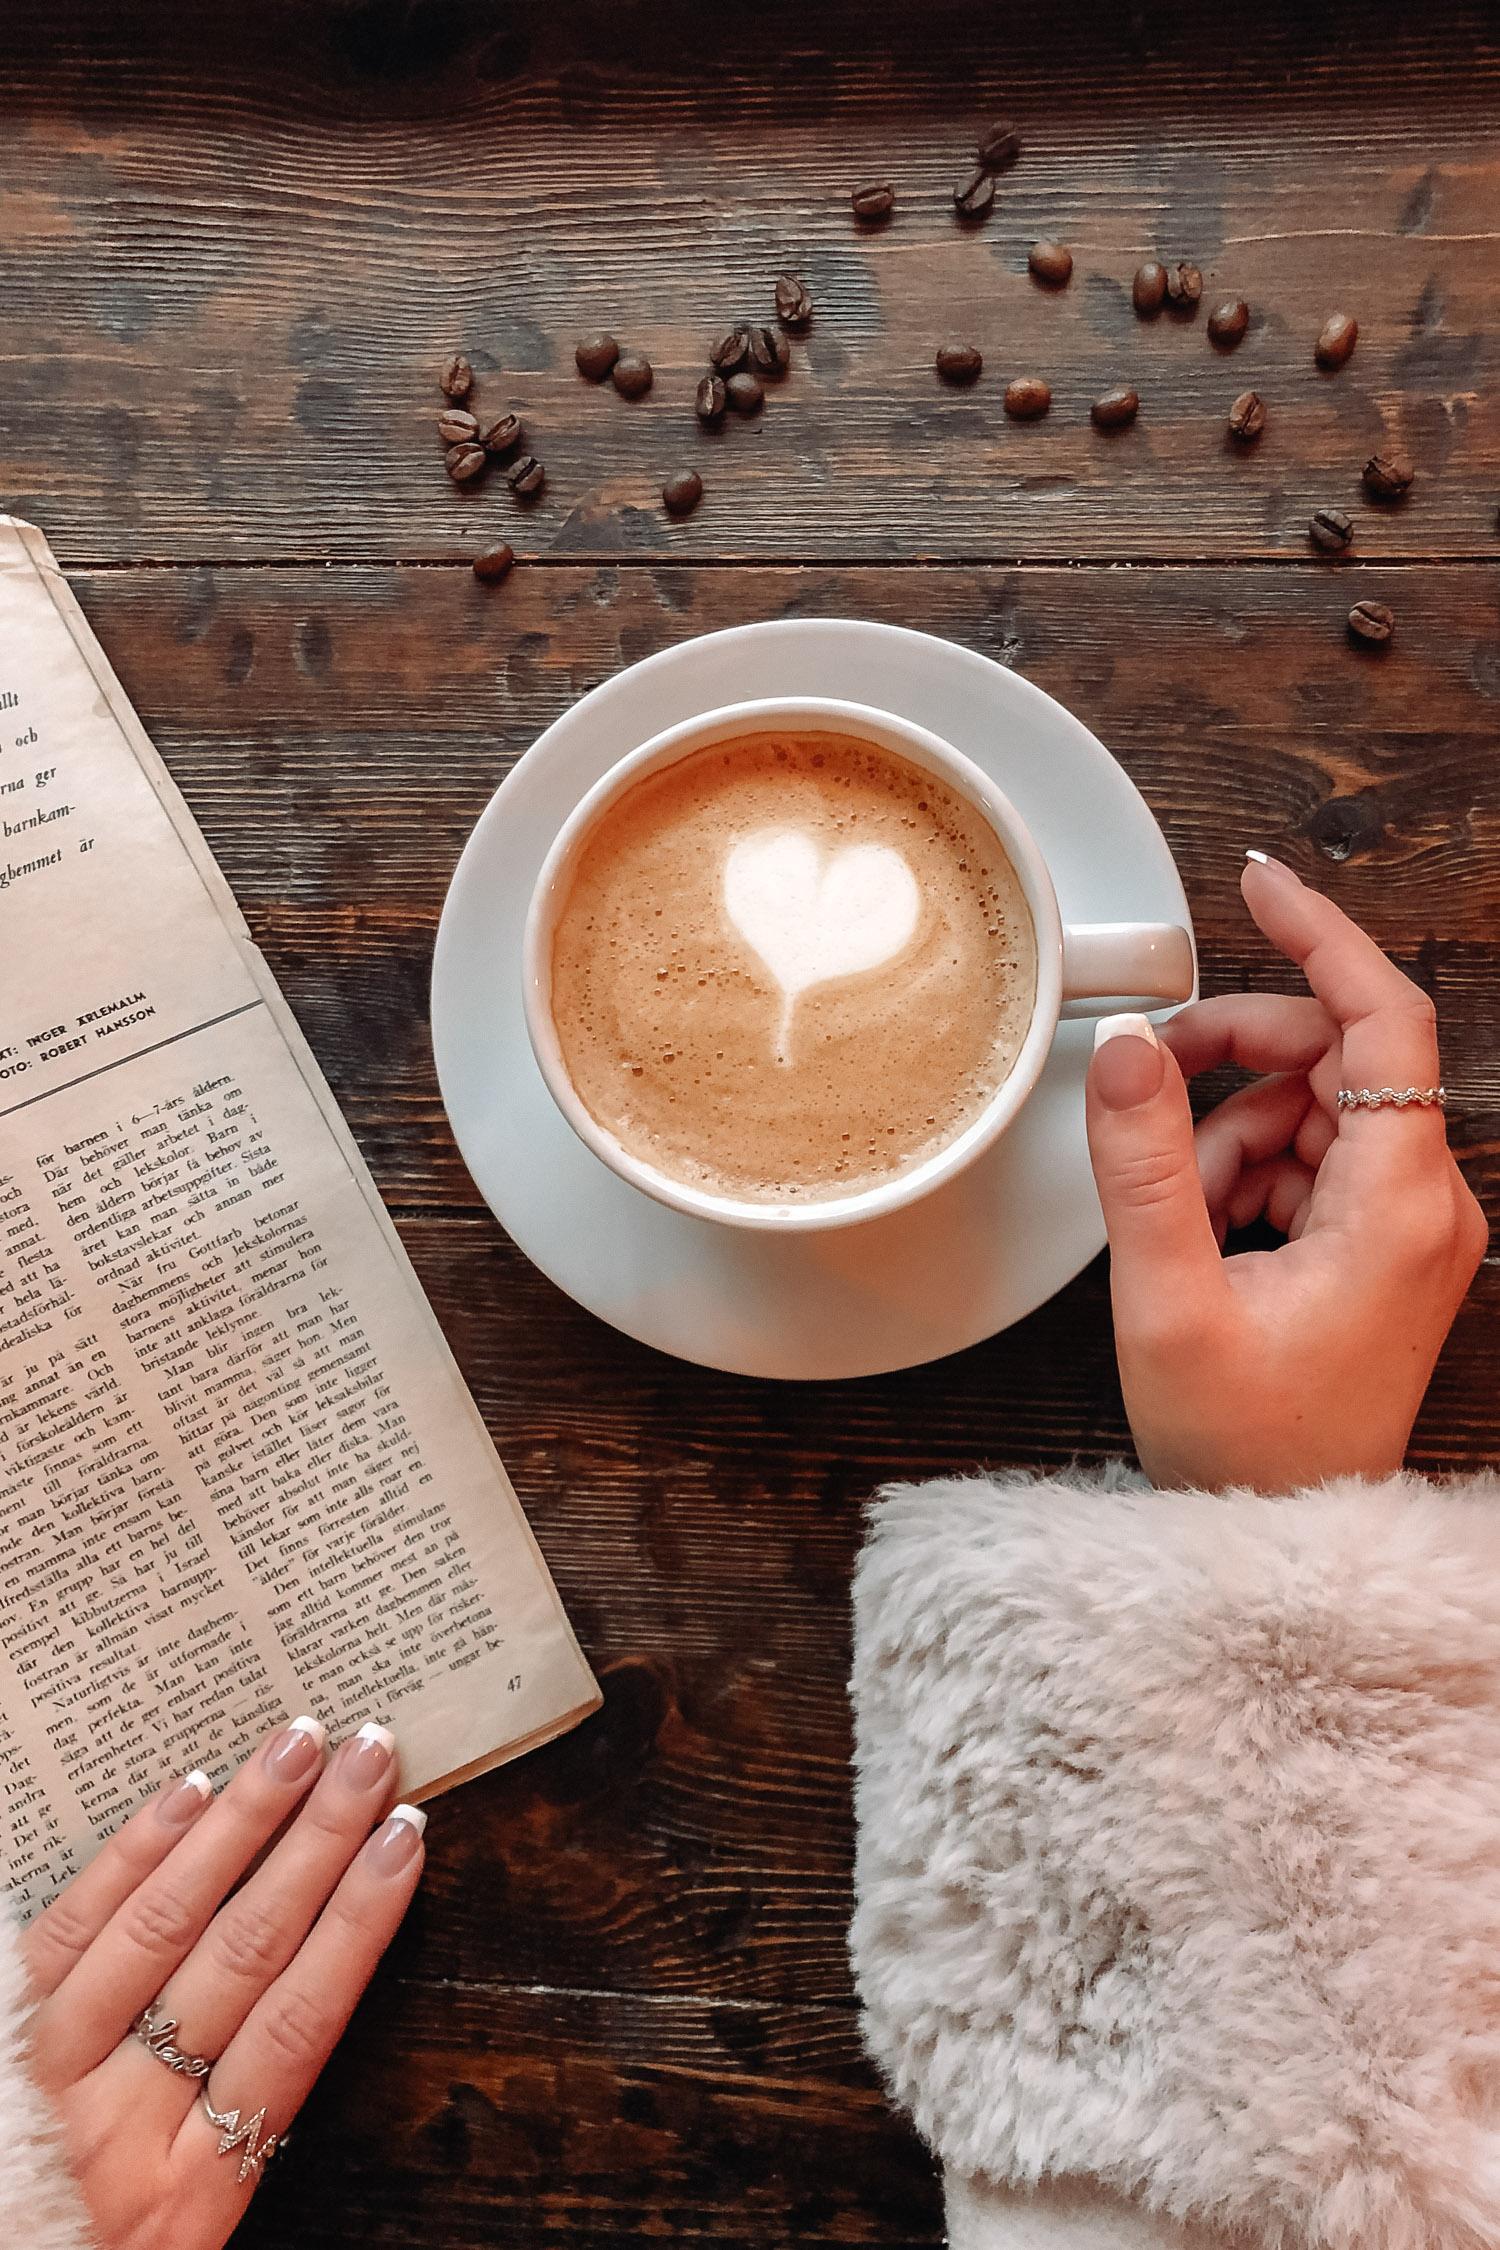 Snygg caffe latte med hjärta på cafét Gamla Örebro i Wadköping